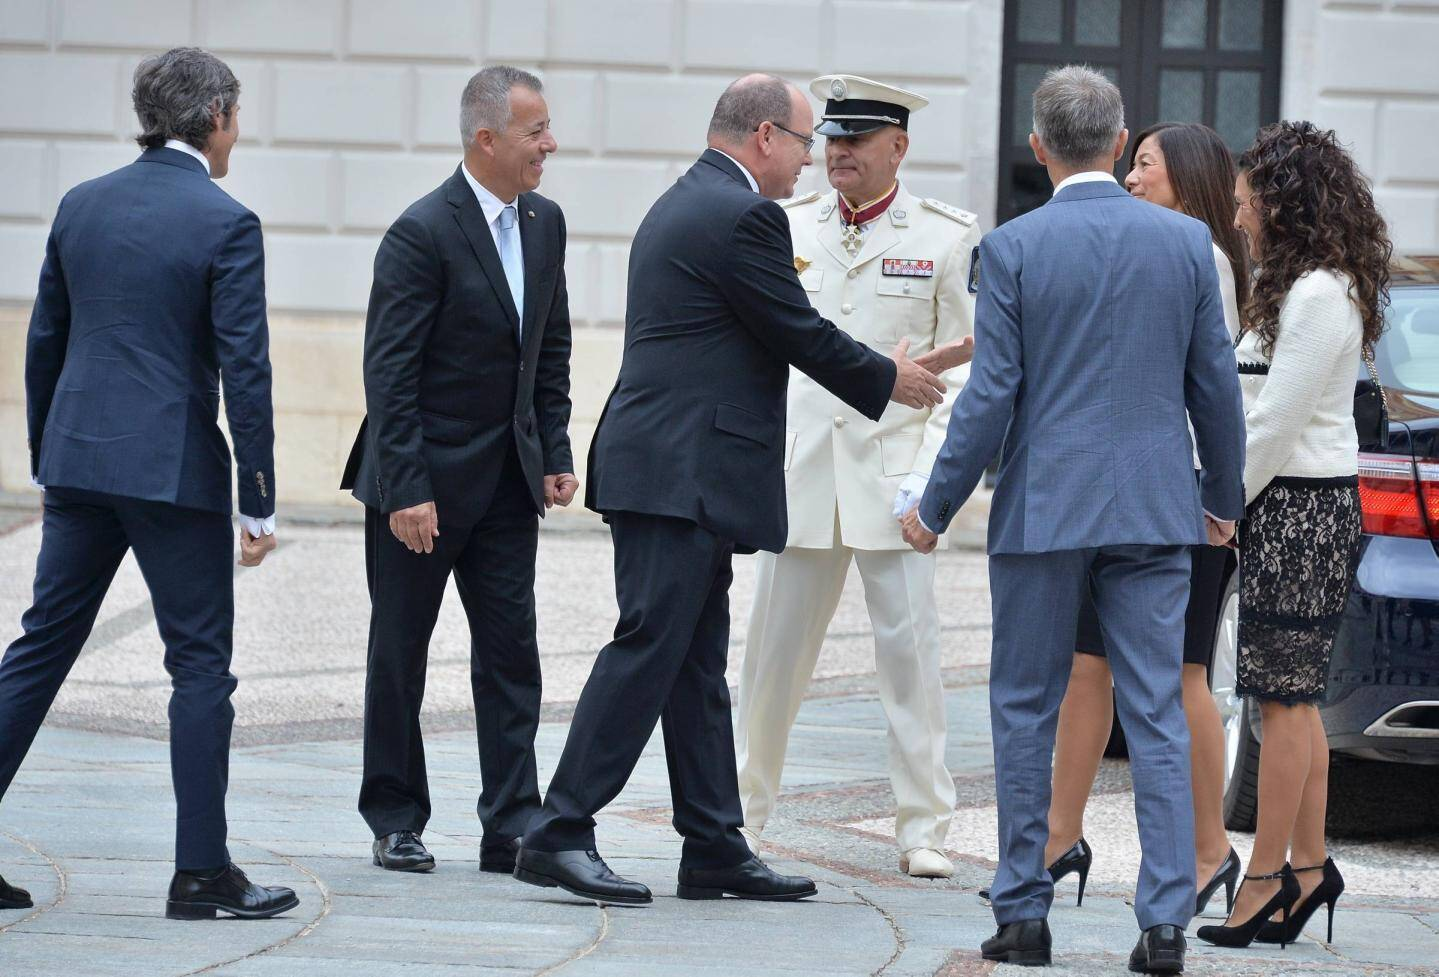 AGENCE MONACOCapitaines Régents d'Andorre reçu par le Prince Albert II de Monaco au Palais Princier.